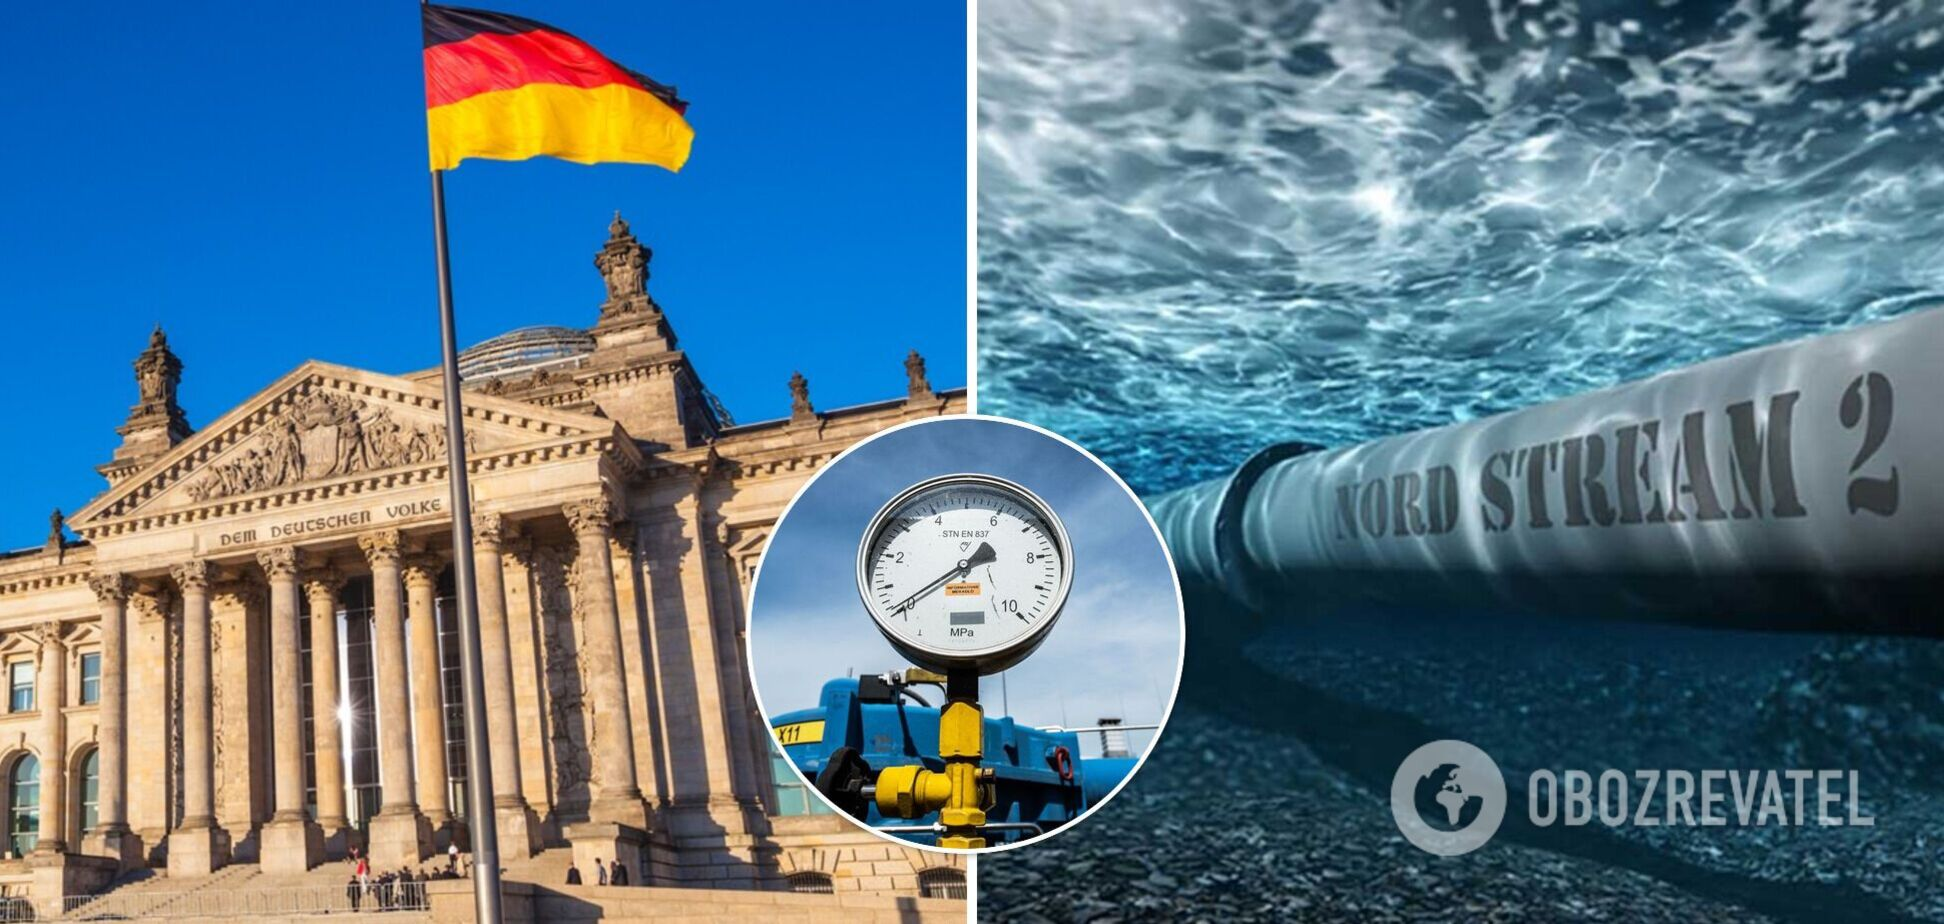 Германия заявила о готовности провести консультации с Украиной по 'Северному потоку-2'